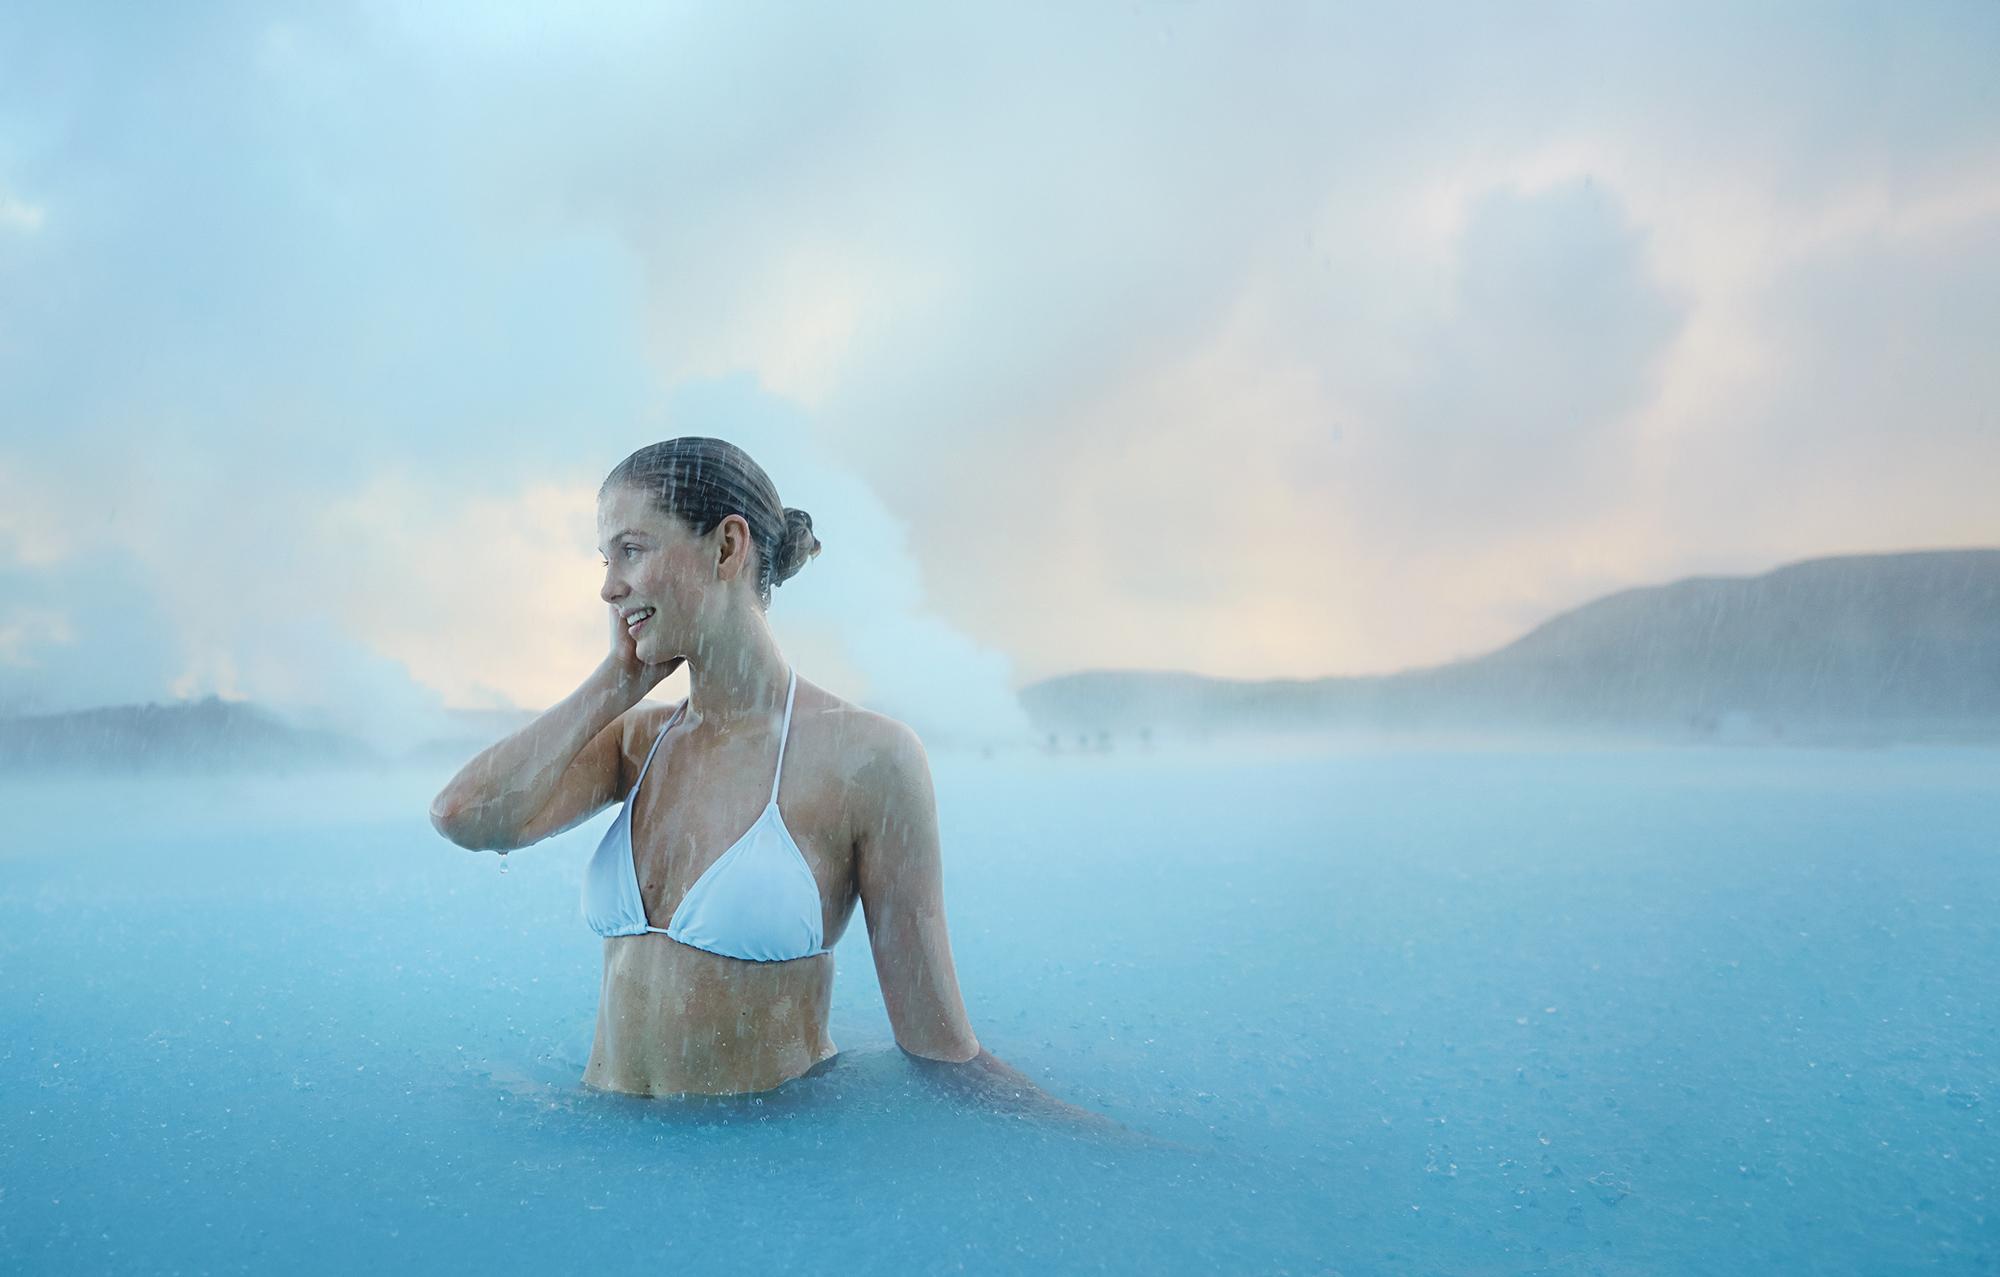 El spa de la Laguna Azul es uno de los favoritos entre los visitantes y lugareños gracias a las propiedades curativas de su barro de sílice y su agua tibia y calmante.